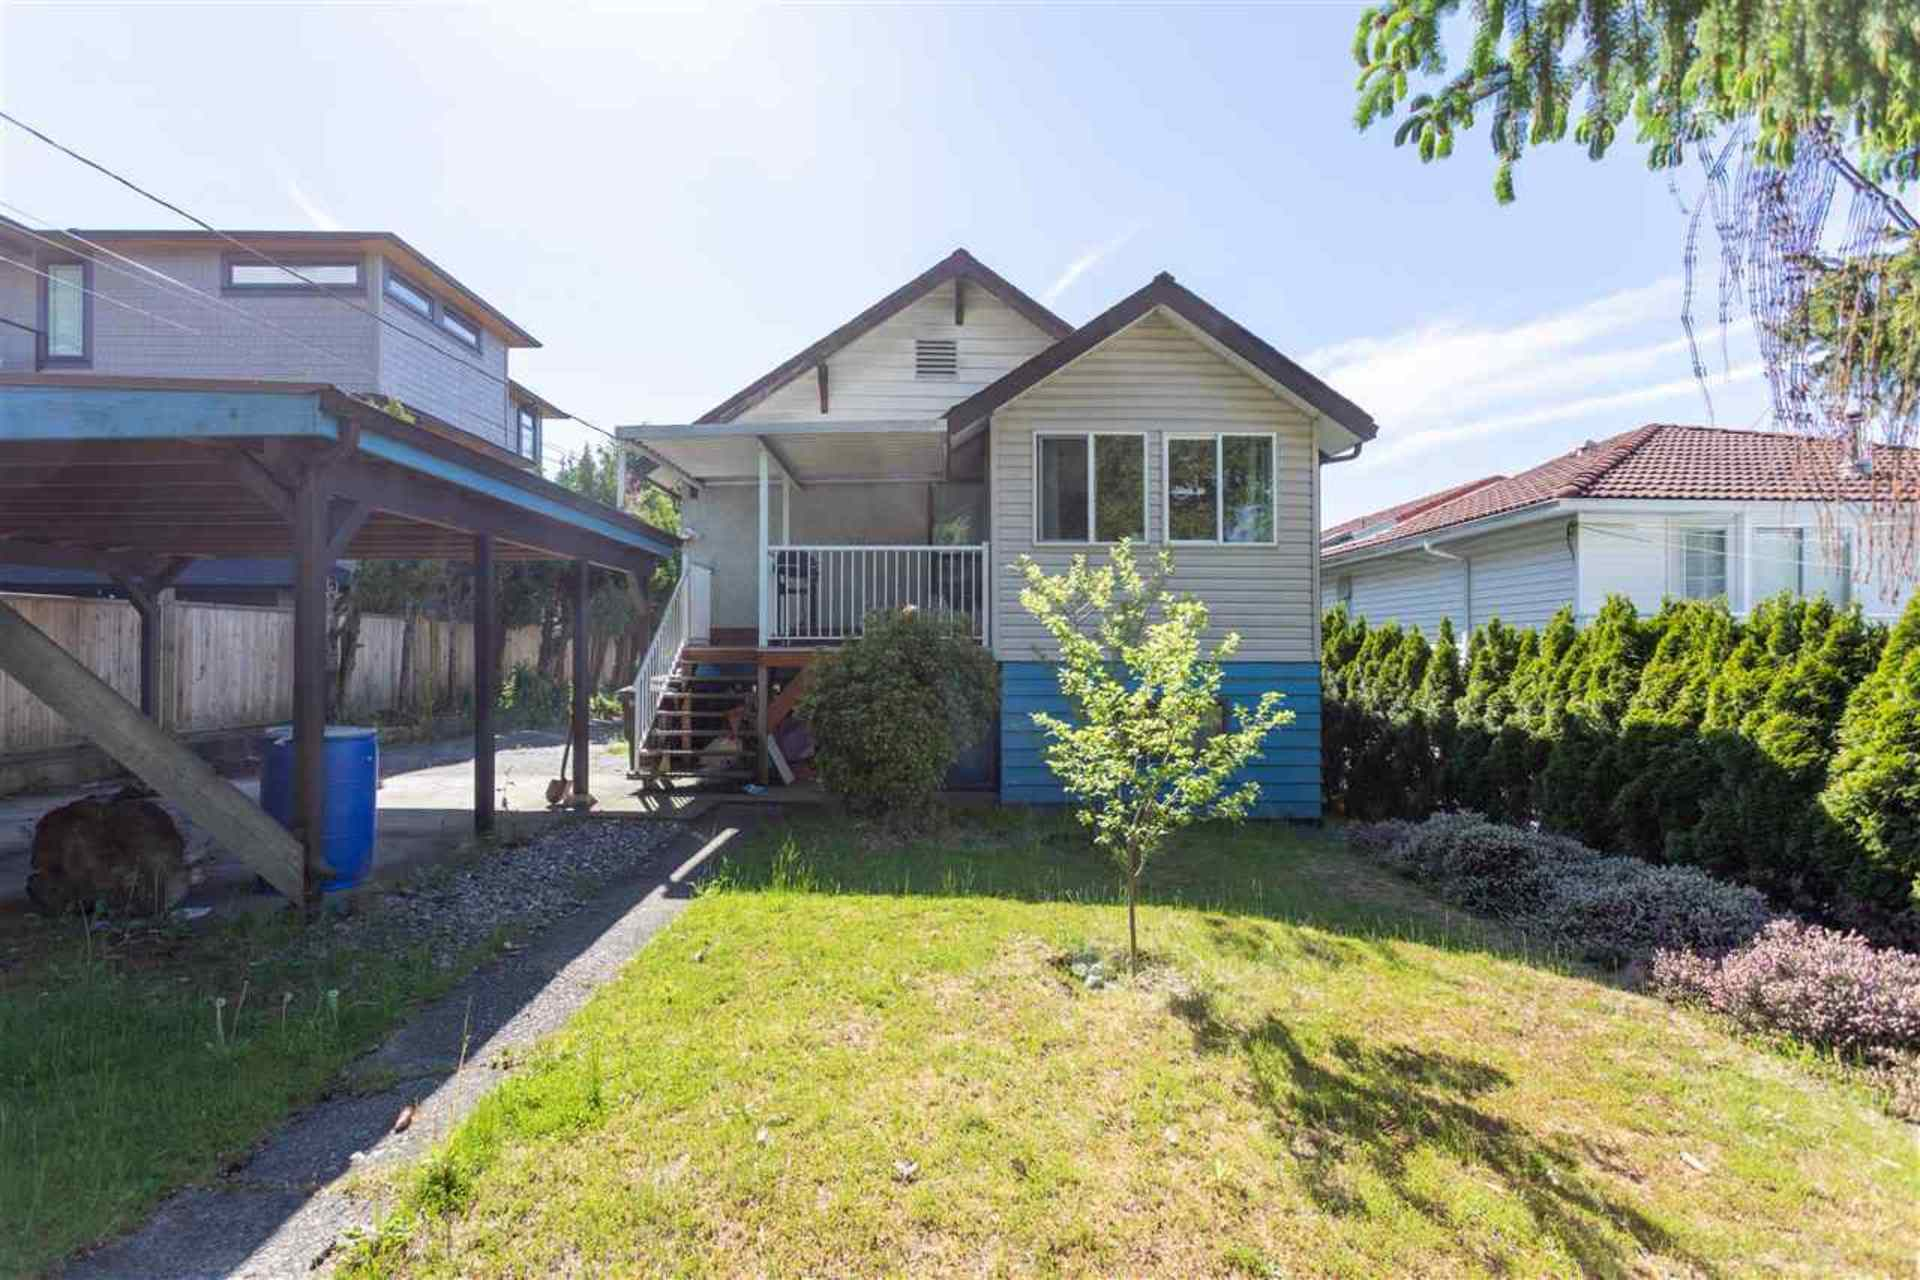 6036-brantford-avenue-upper-deer-lake-burnaby-south-08 at 6036 Brantford Avenue, Upper Deer Lake, Burnaby South